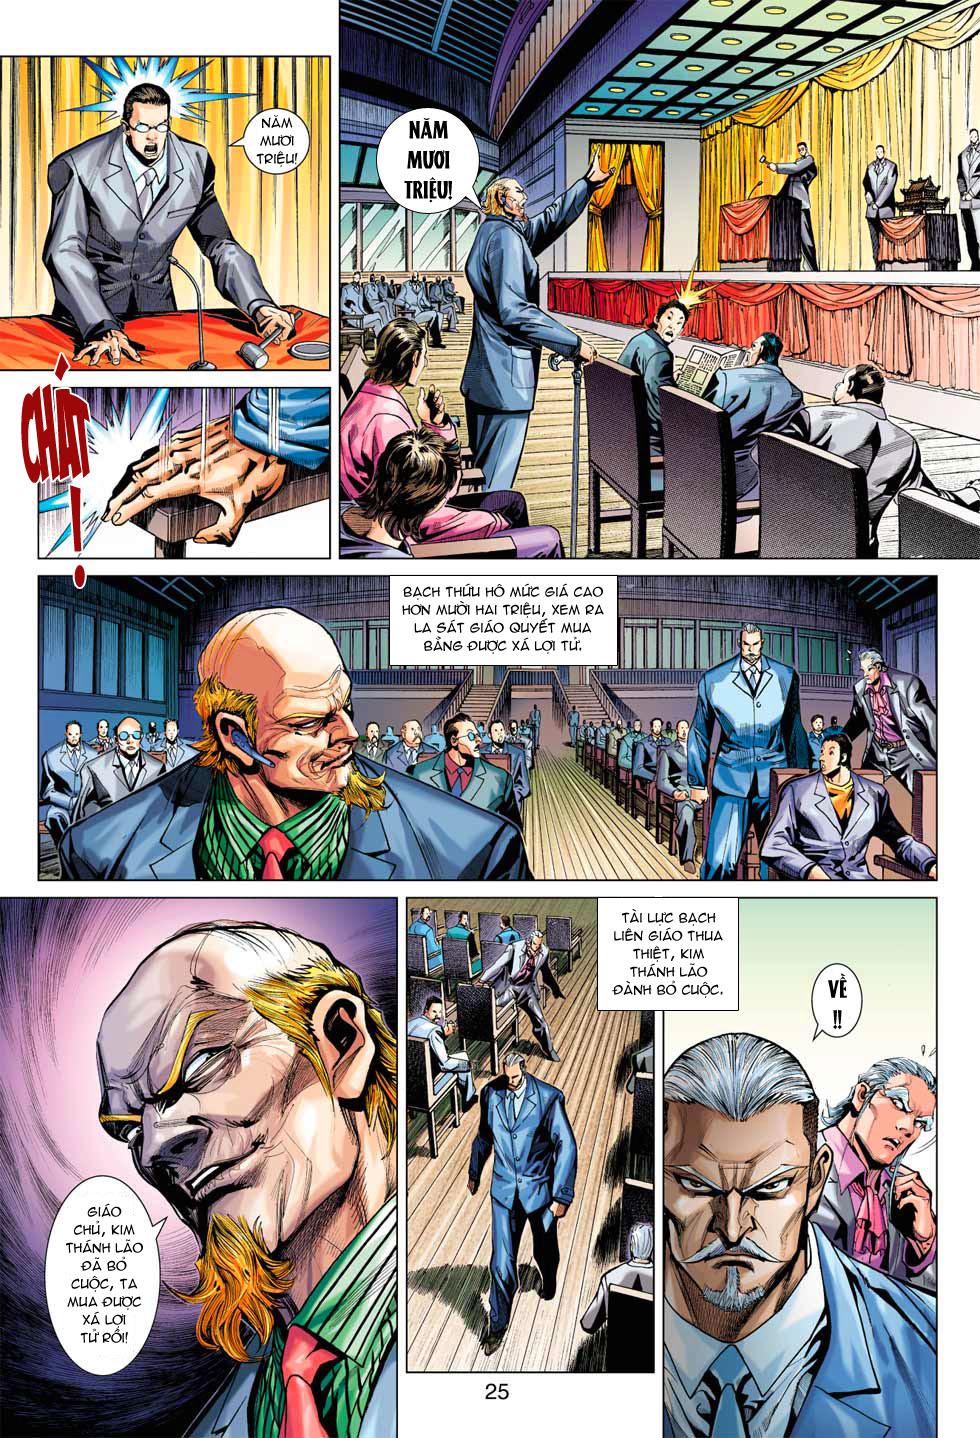 Tân Tác Long Hổ Môn chap 369 - Trang 25